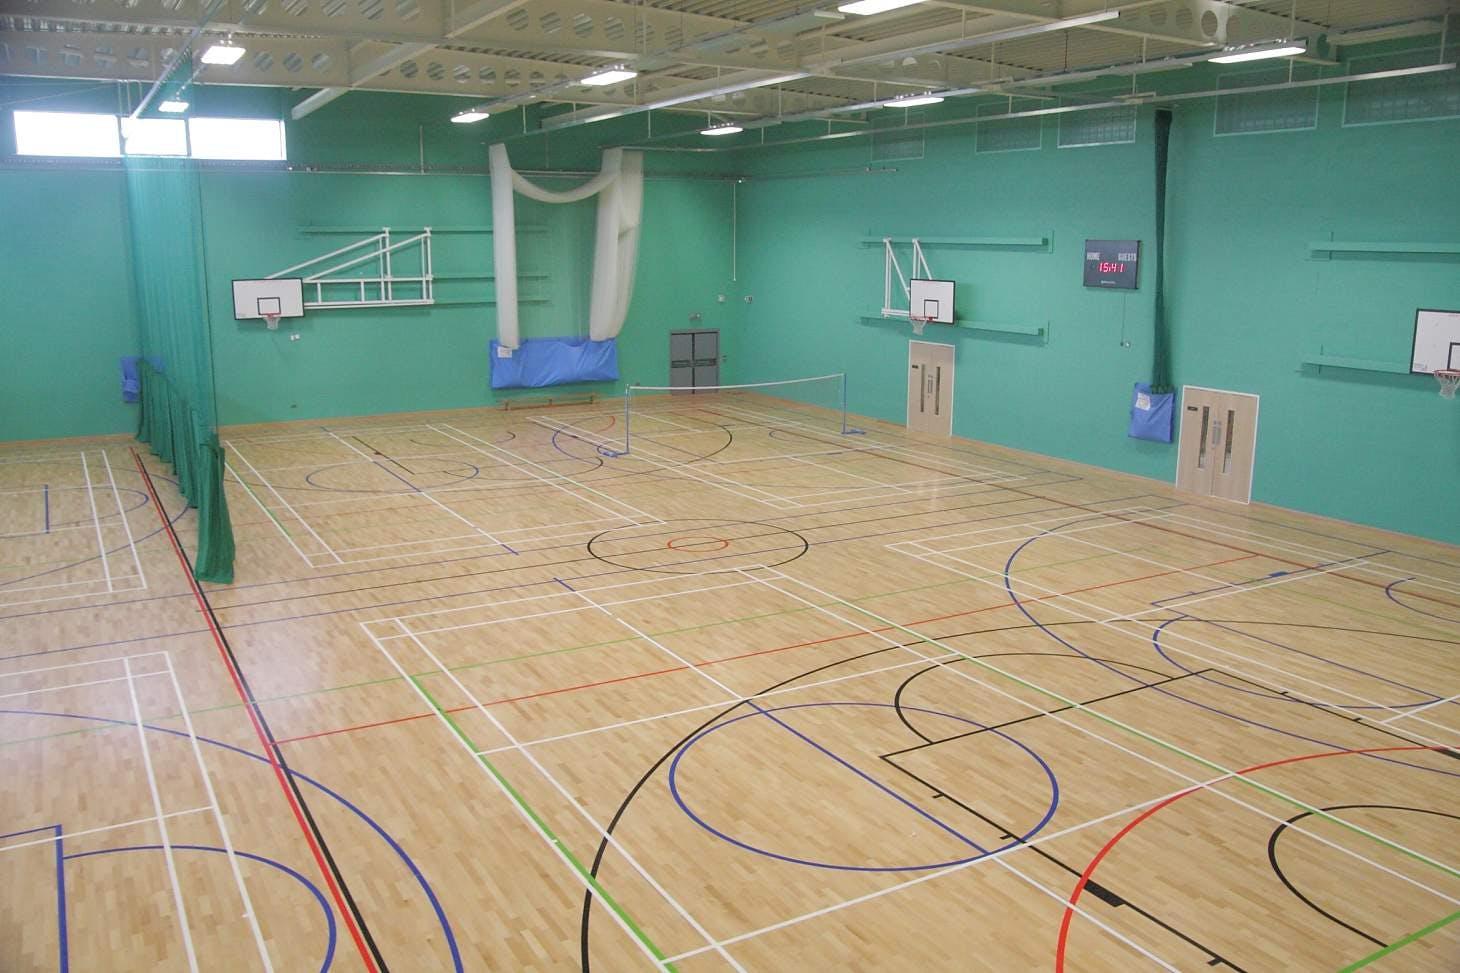 Wellsway Sports Centre Nets | Indoor cricket facilities